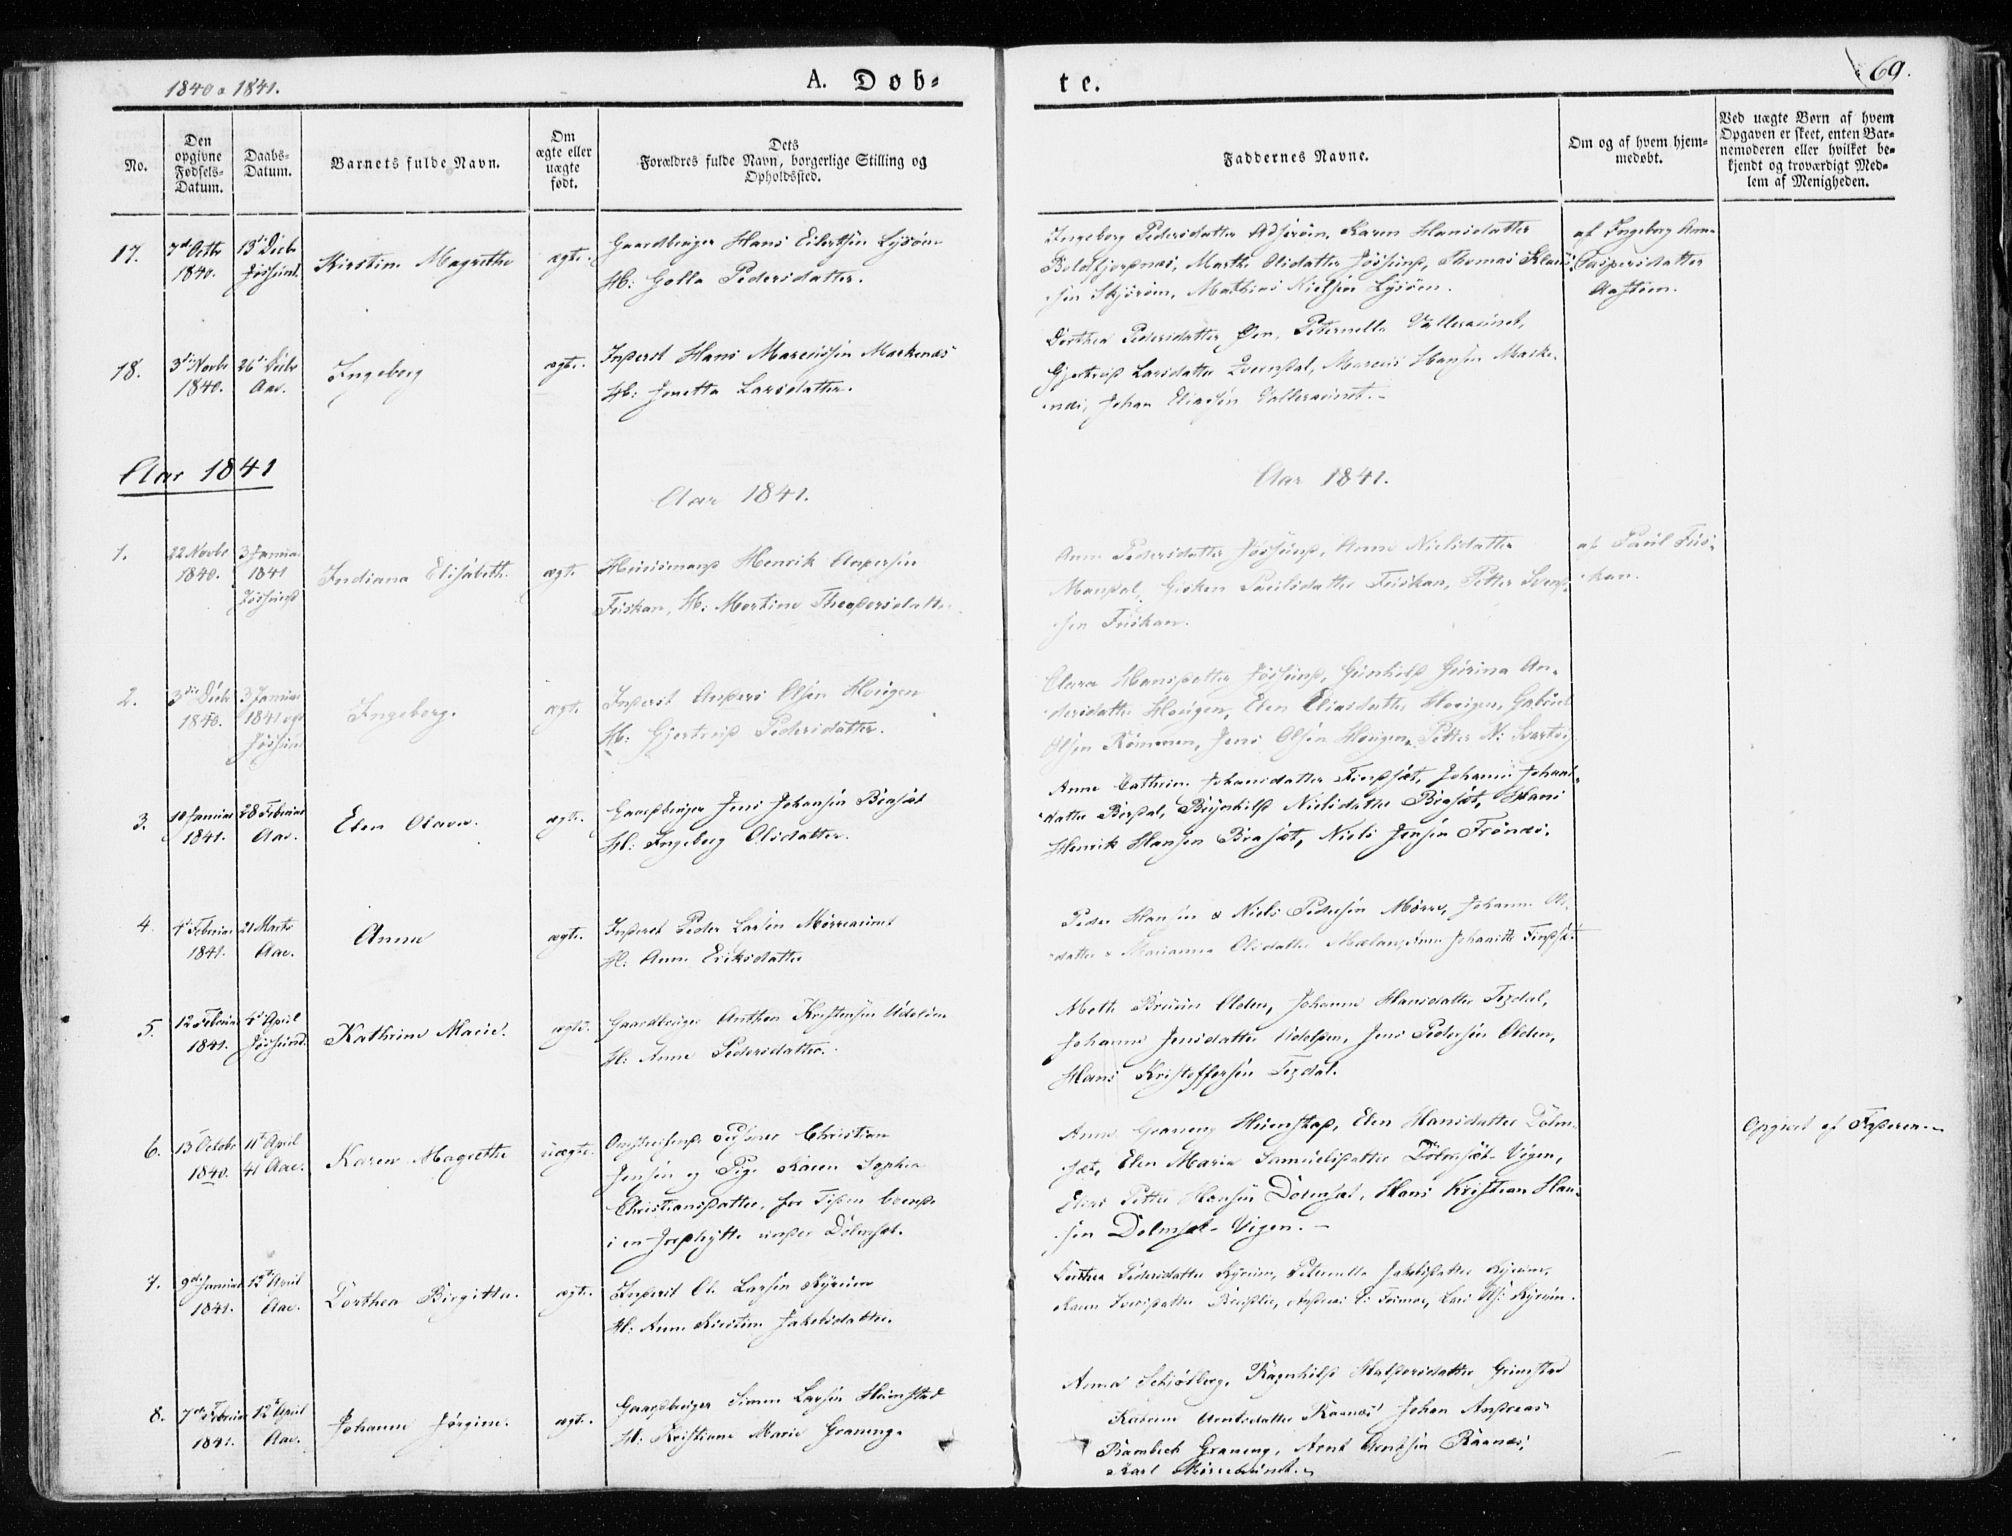 SAT, Ministerialprotokoller, klokkerbøker og fødselsregistre - Sør-Trøndelag, 655/L0676: Ministerialbok nr. 655A05, 1830-1847, s. 69